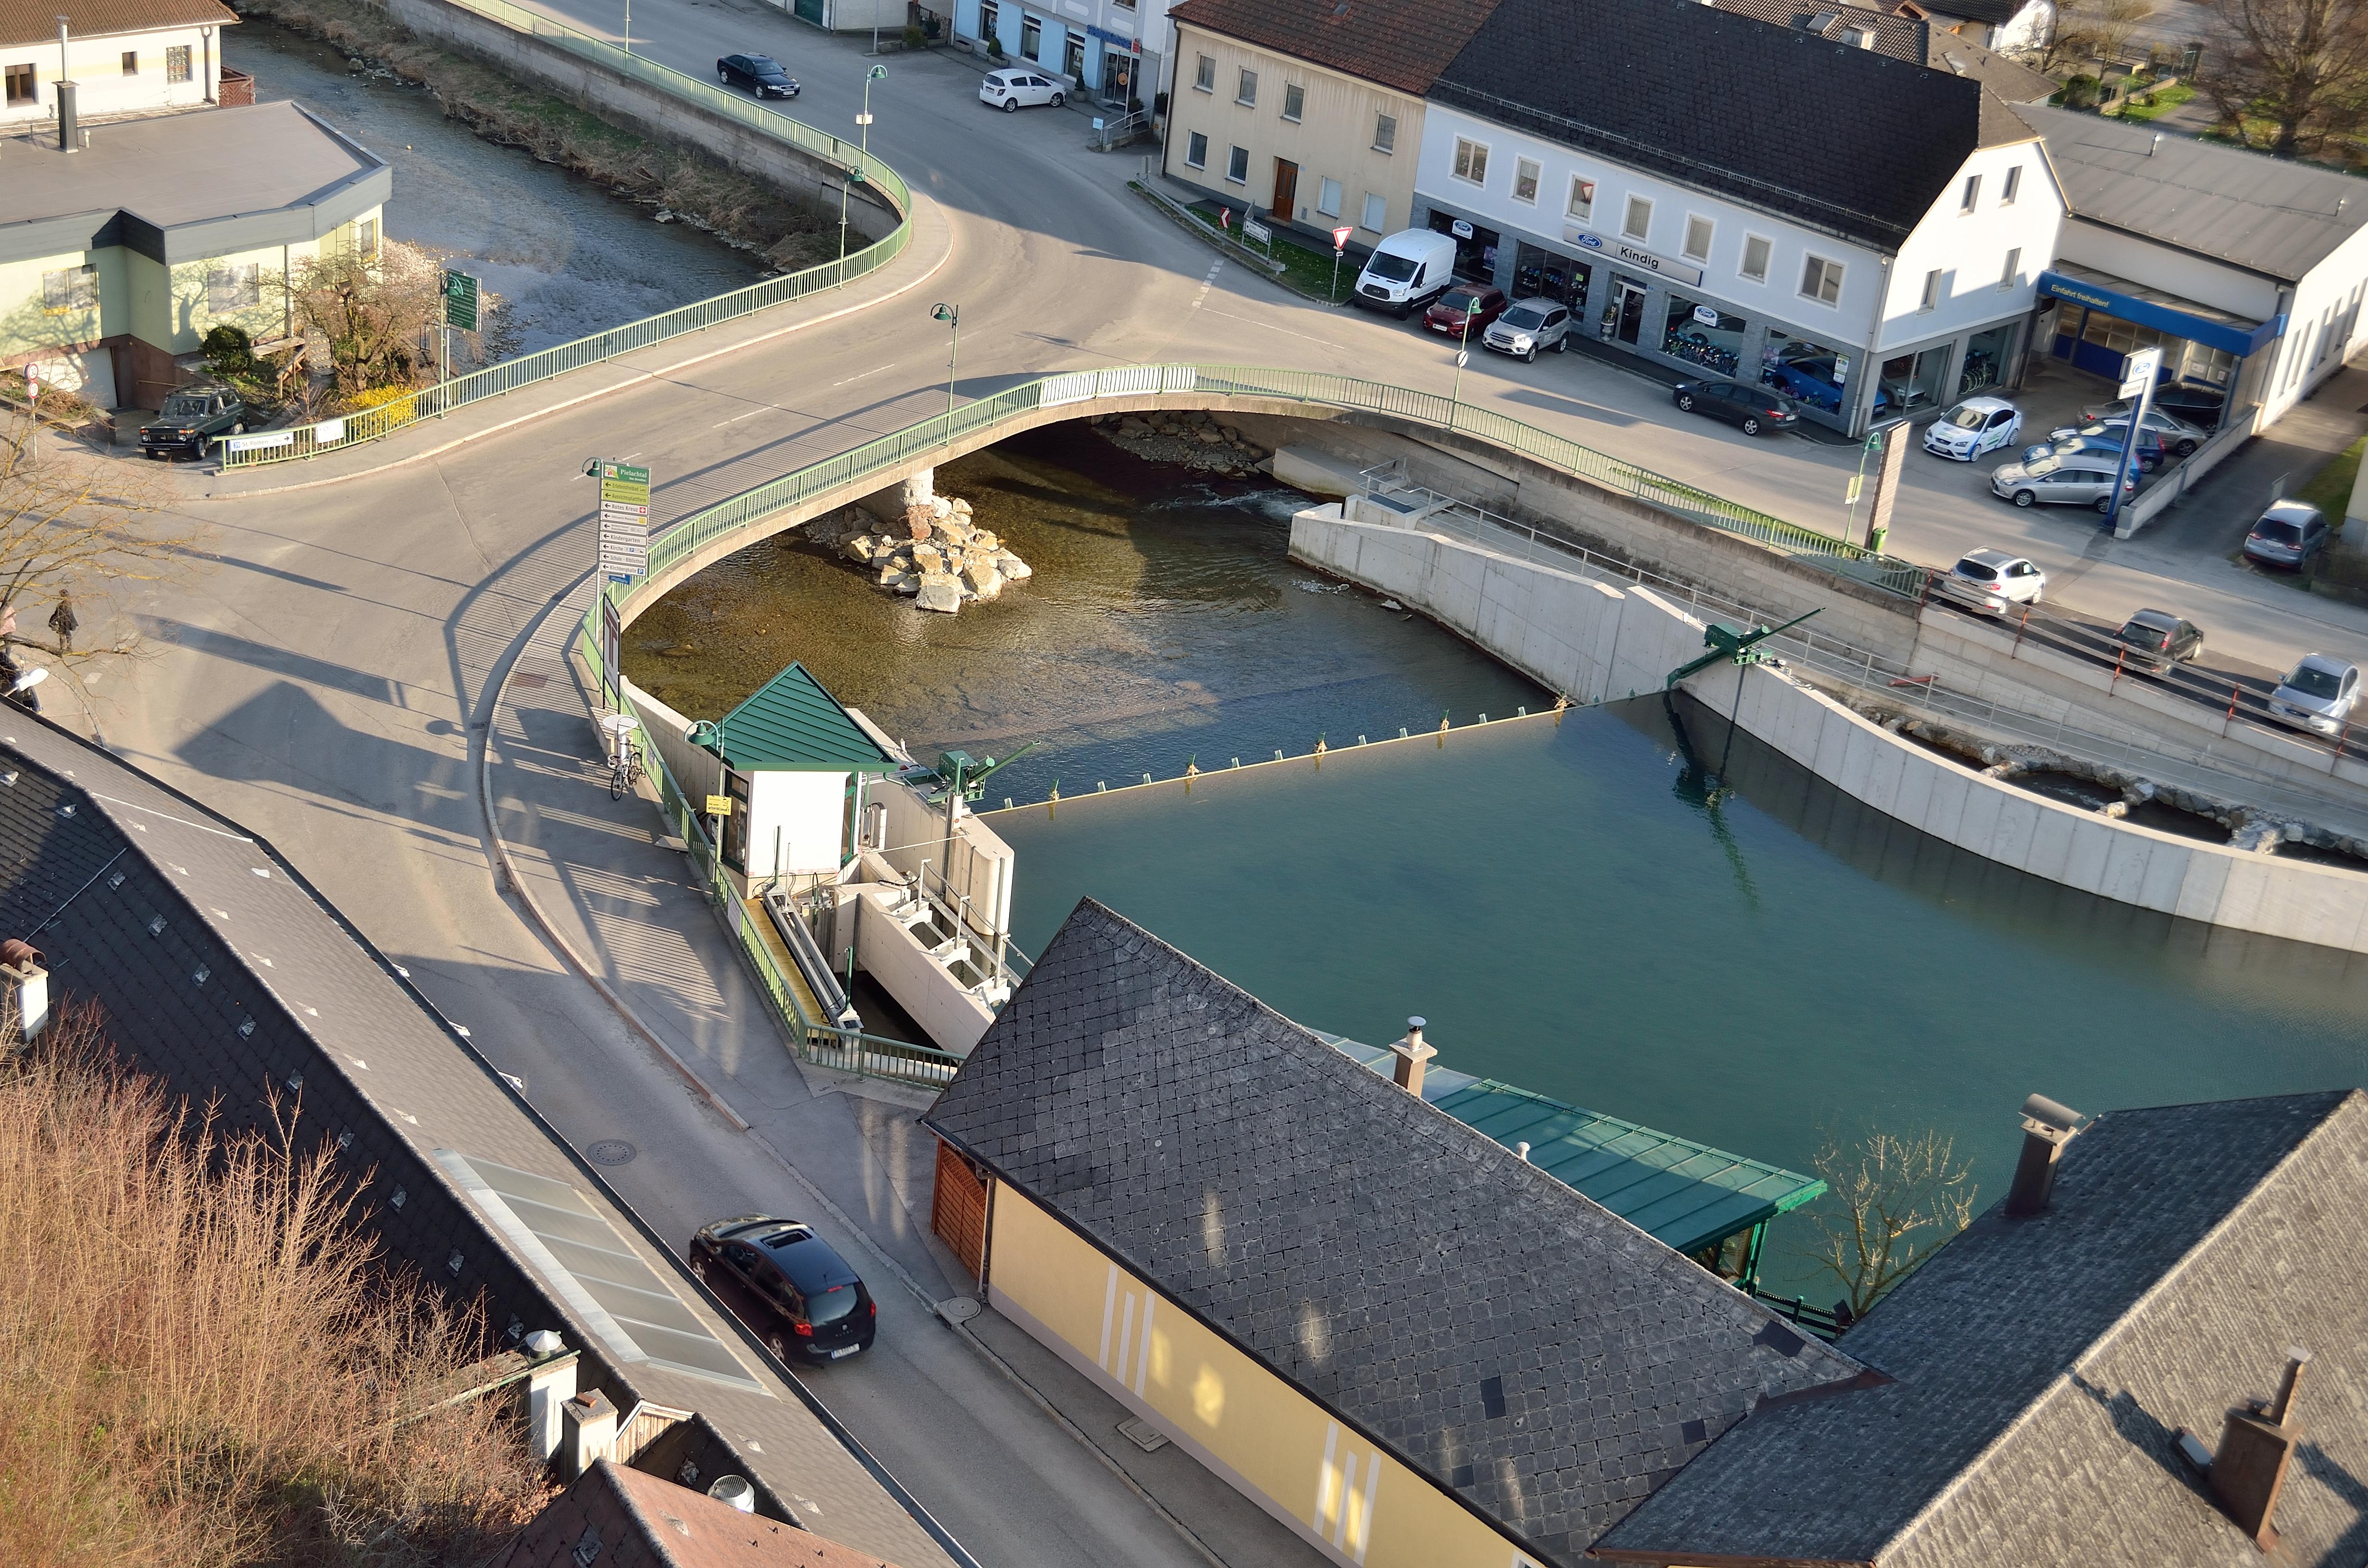 Startseite - Services - Impressum - Kirchberg an der Pielach